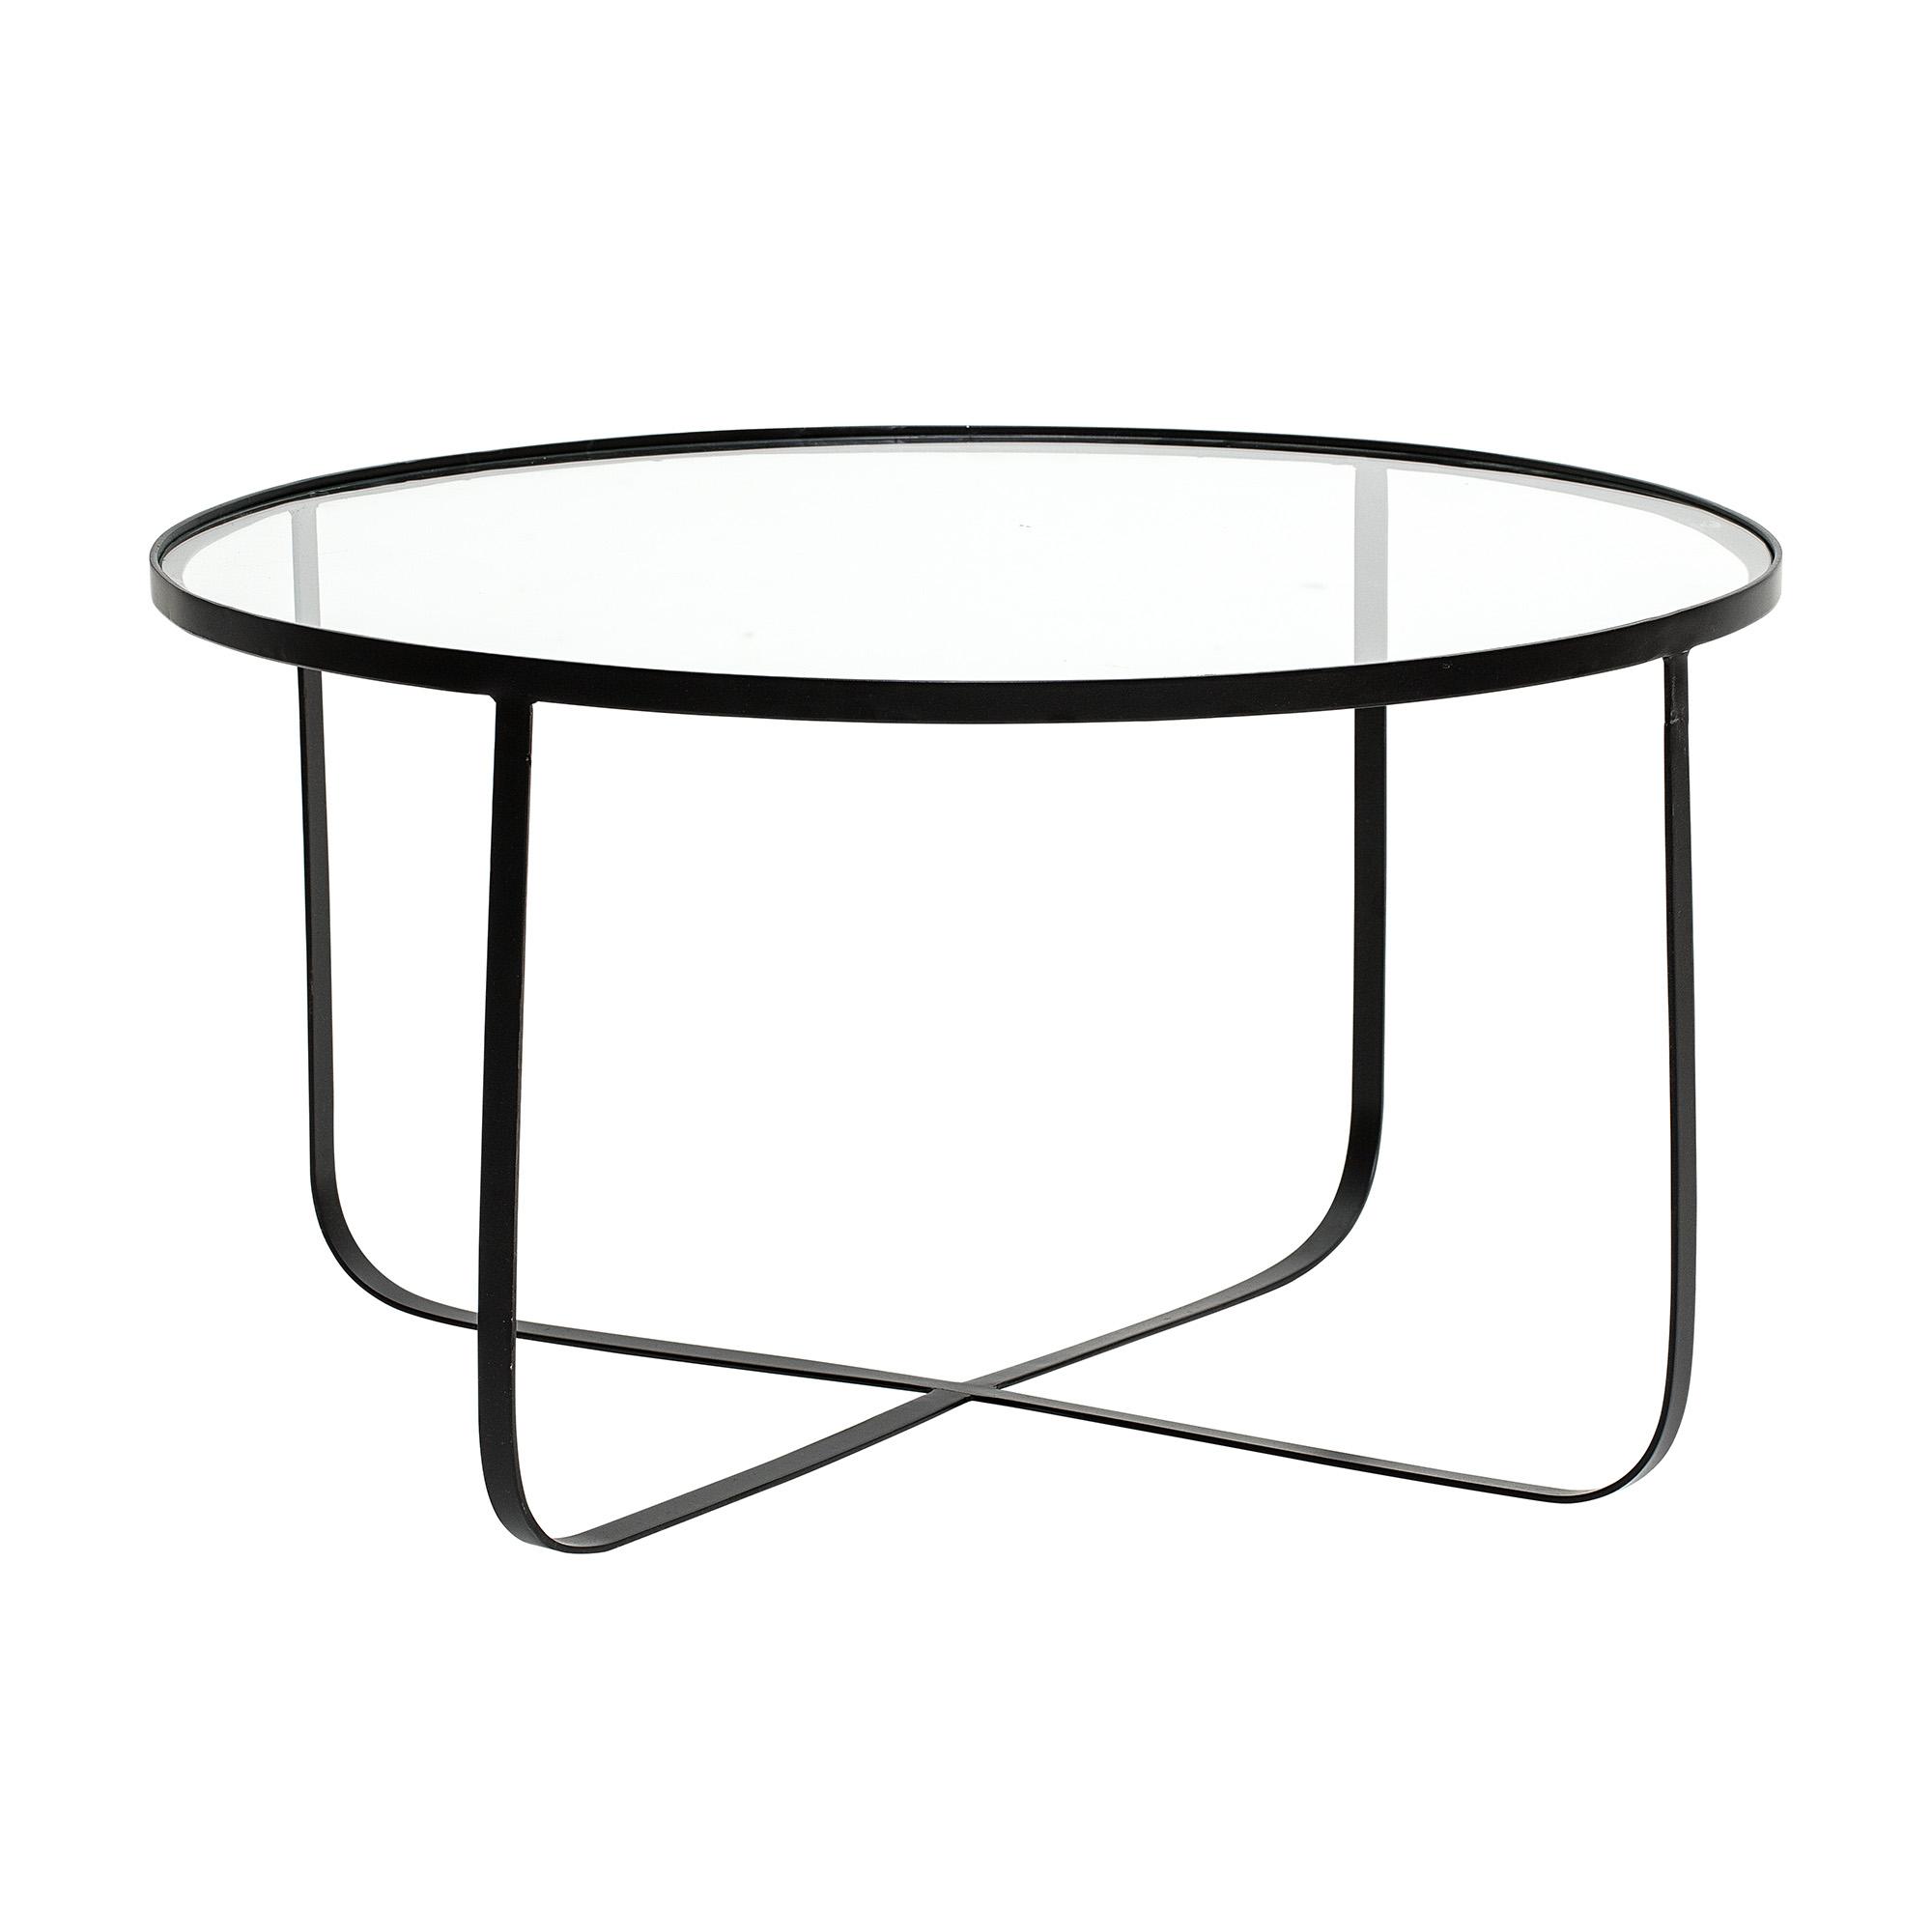 bloomingville – Bloomingville harper sofabord - klar glas/sort jern, rund (ø80) fra boboonline.dk